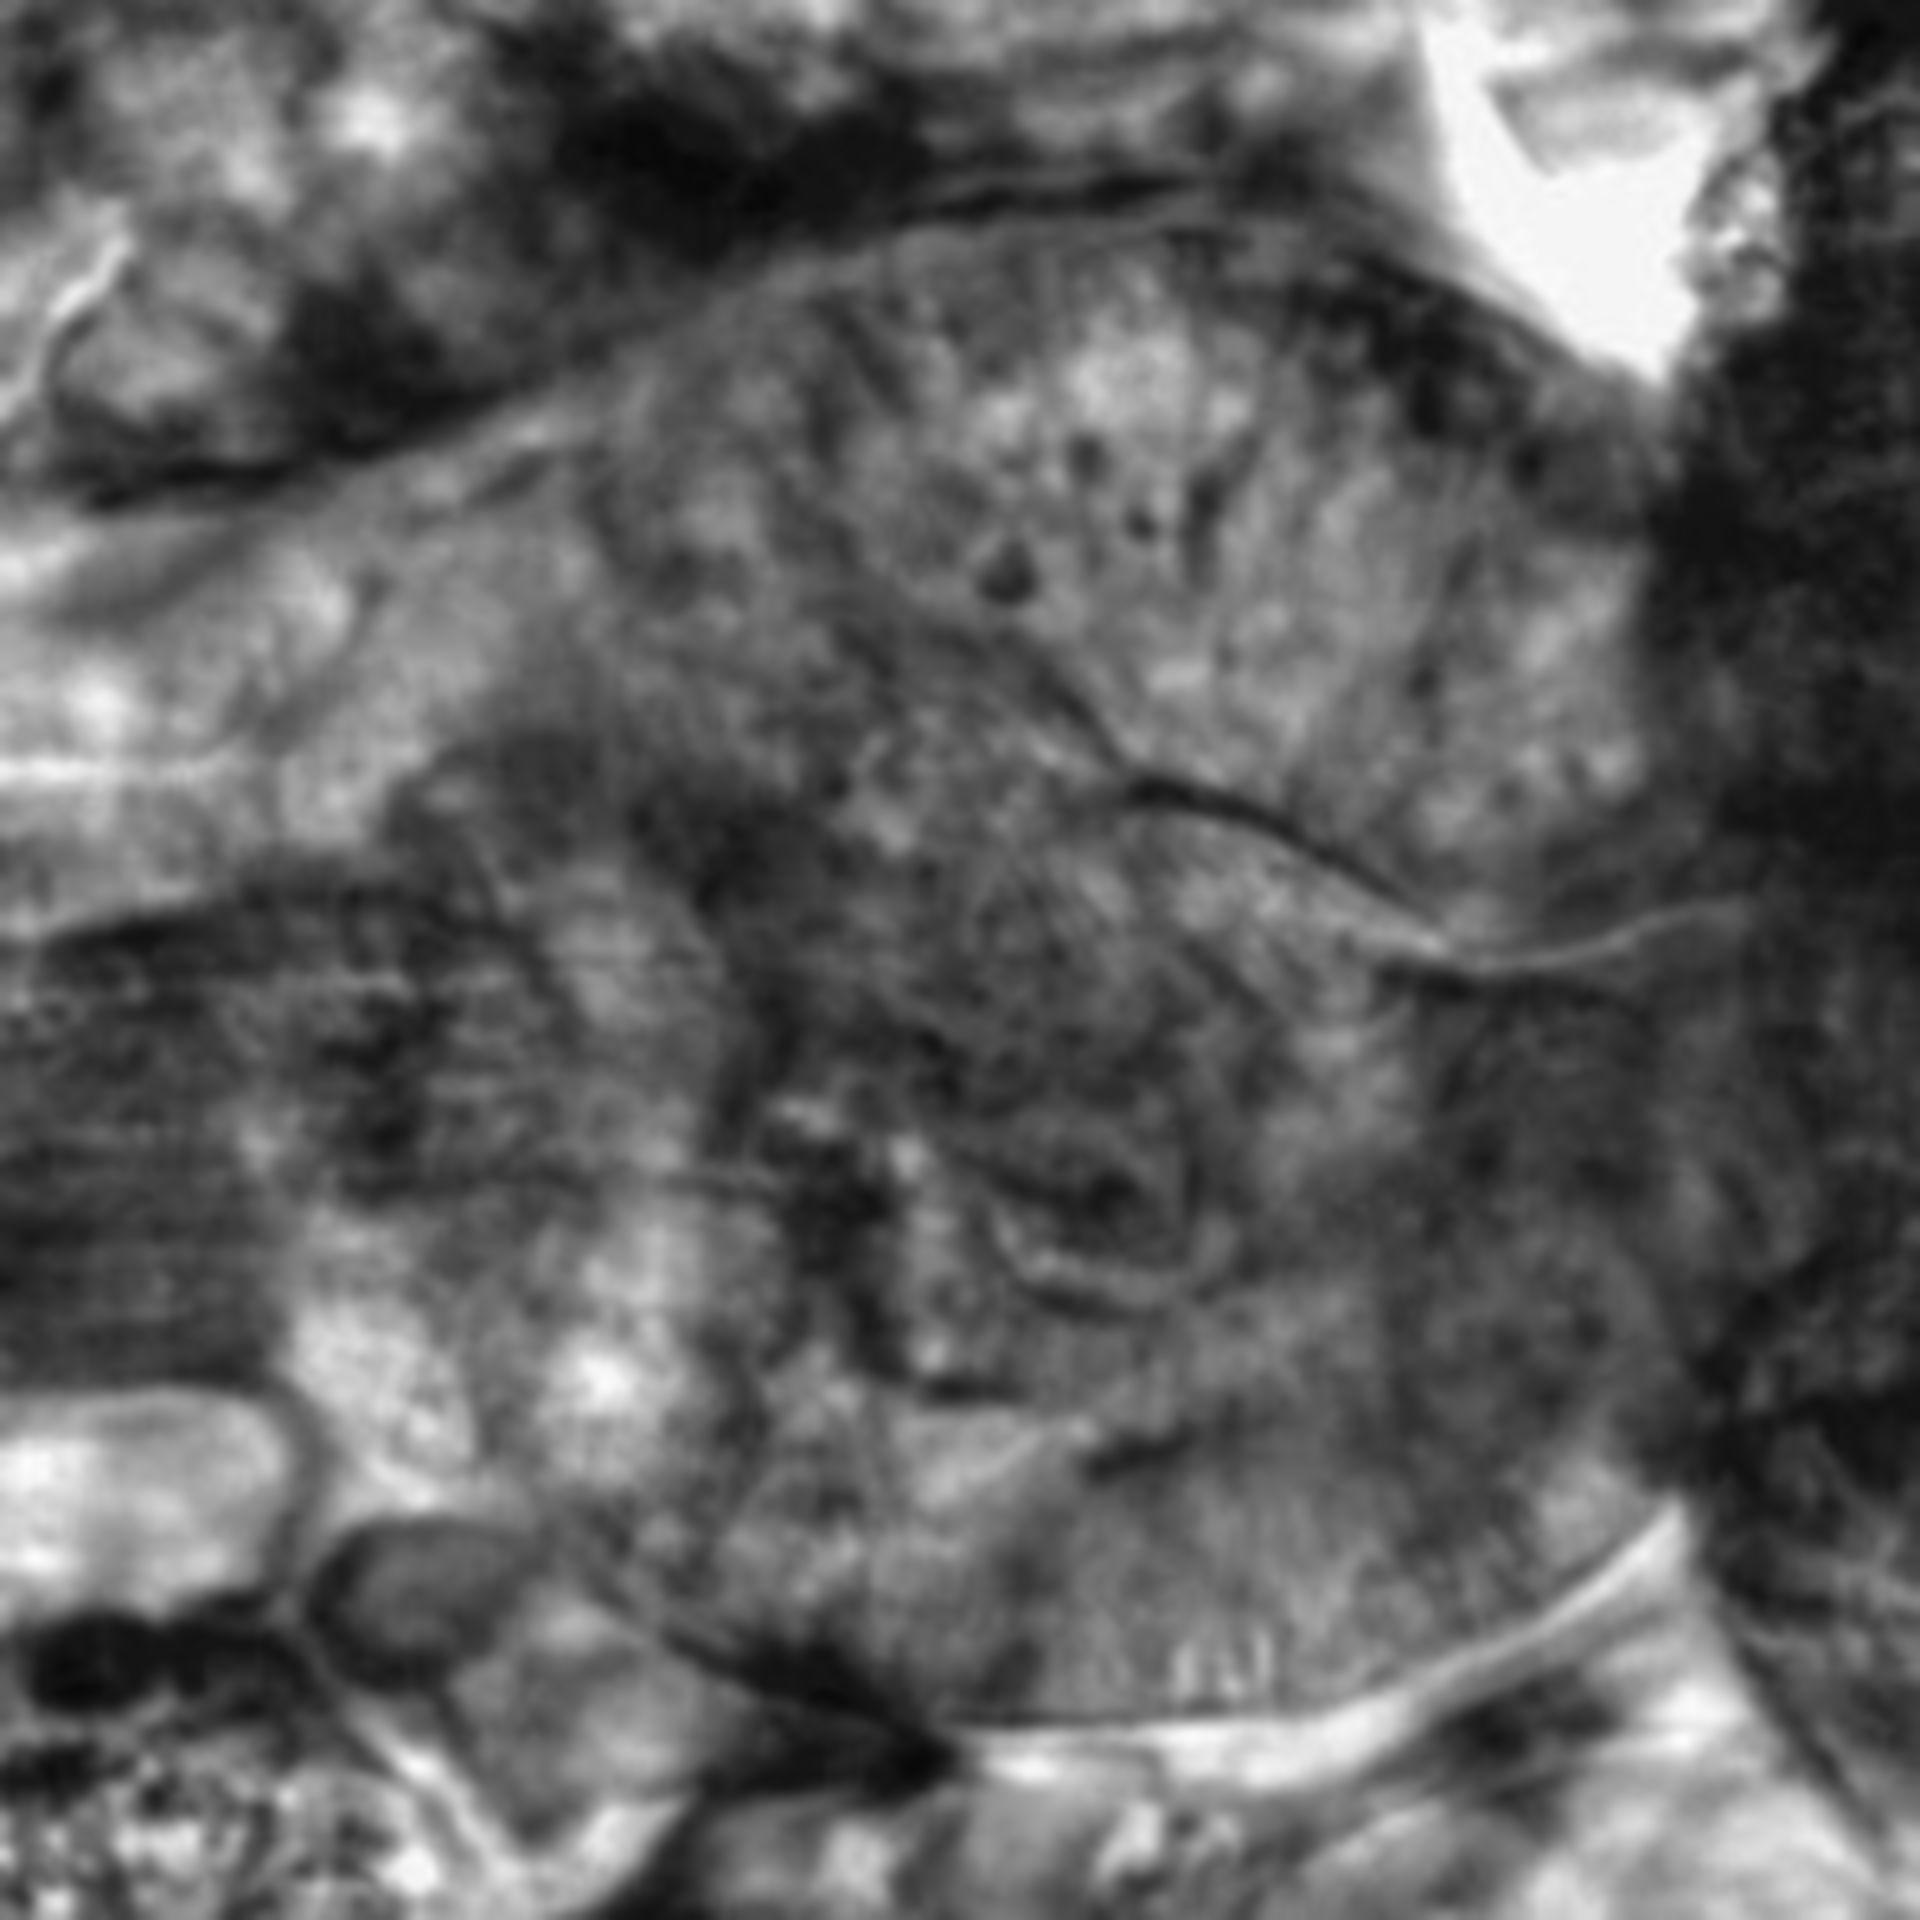 Caenorhabditis elegans - CIL:2577